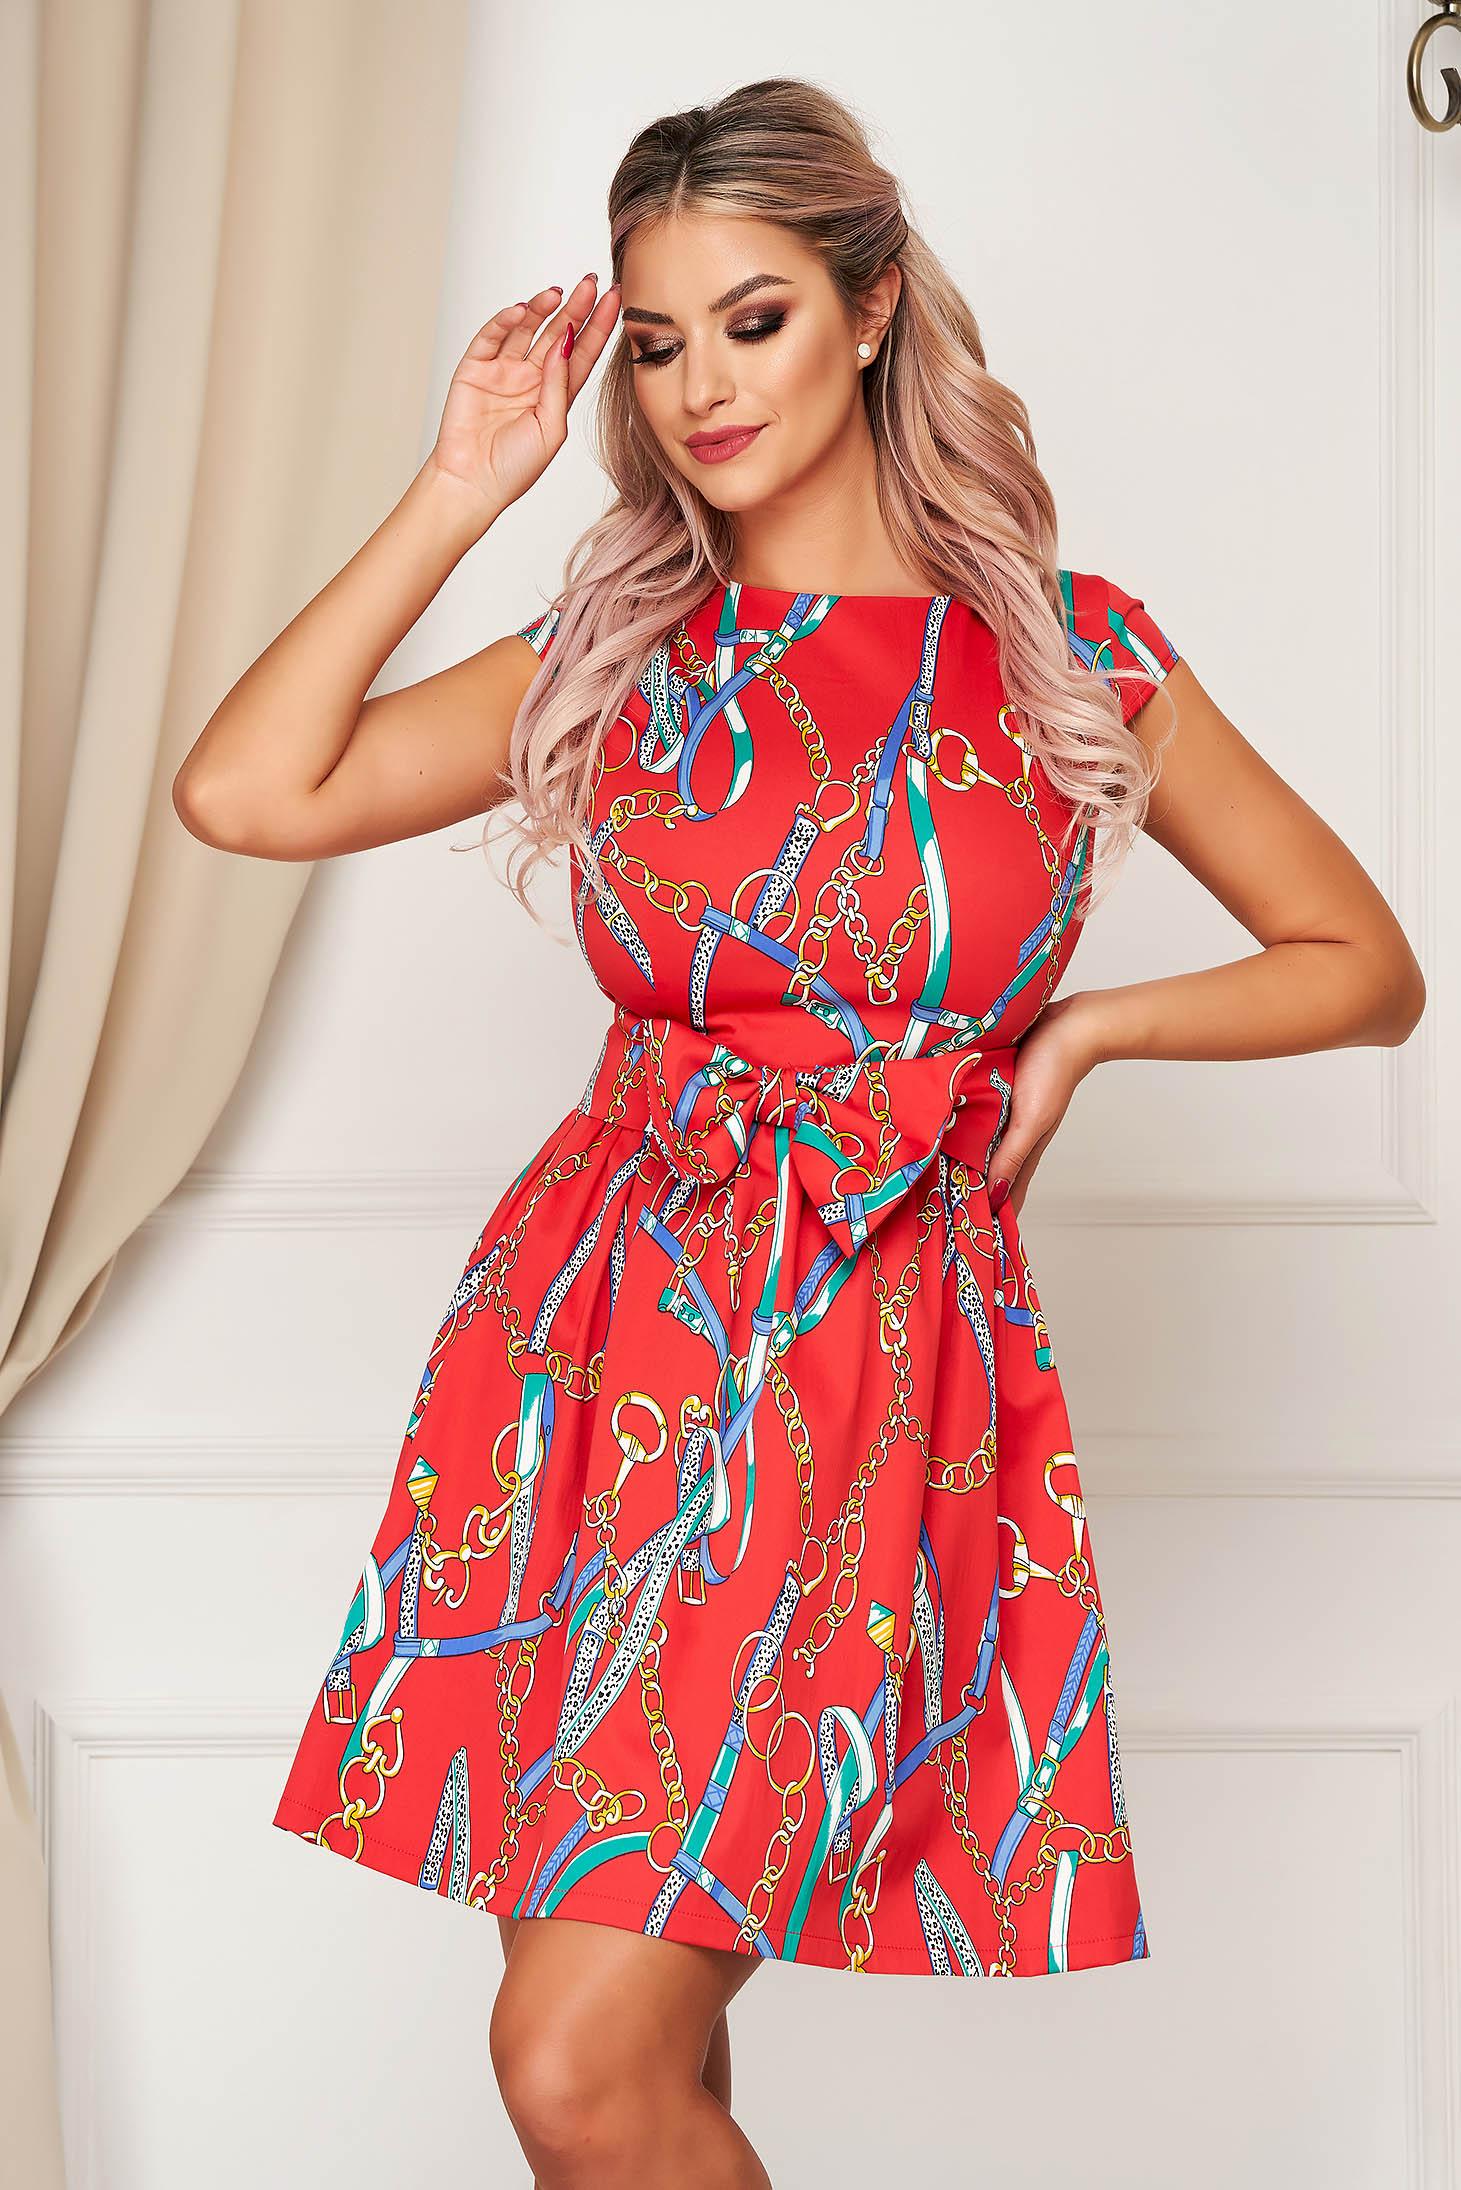 Piros elegáns harang ruha enyhén elasztikus pamut övvel ellátva